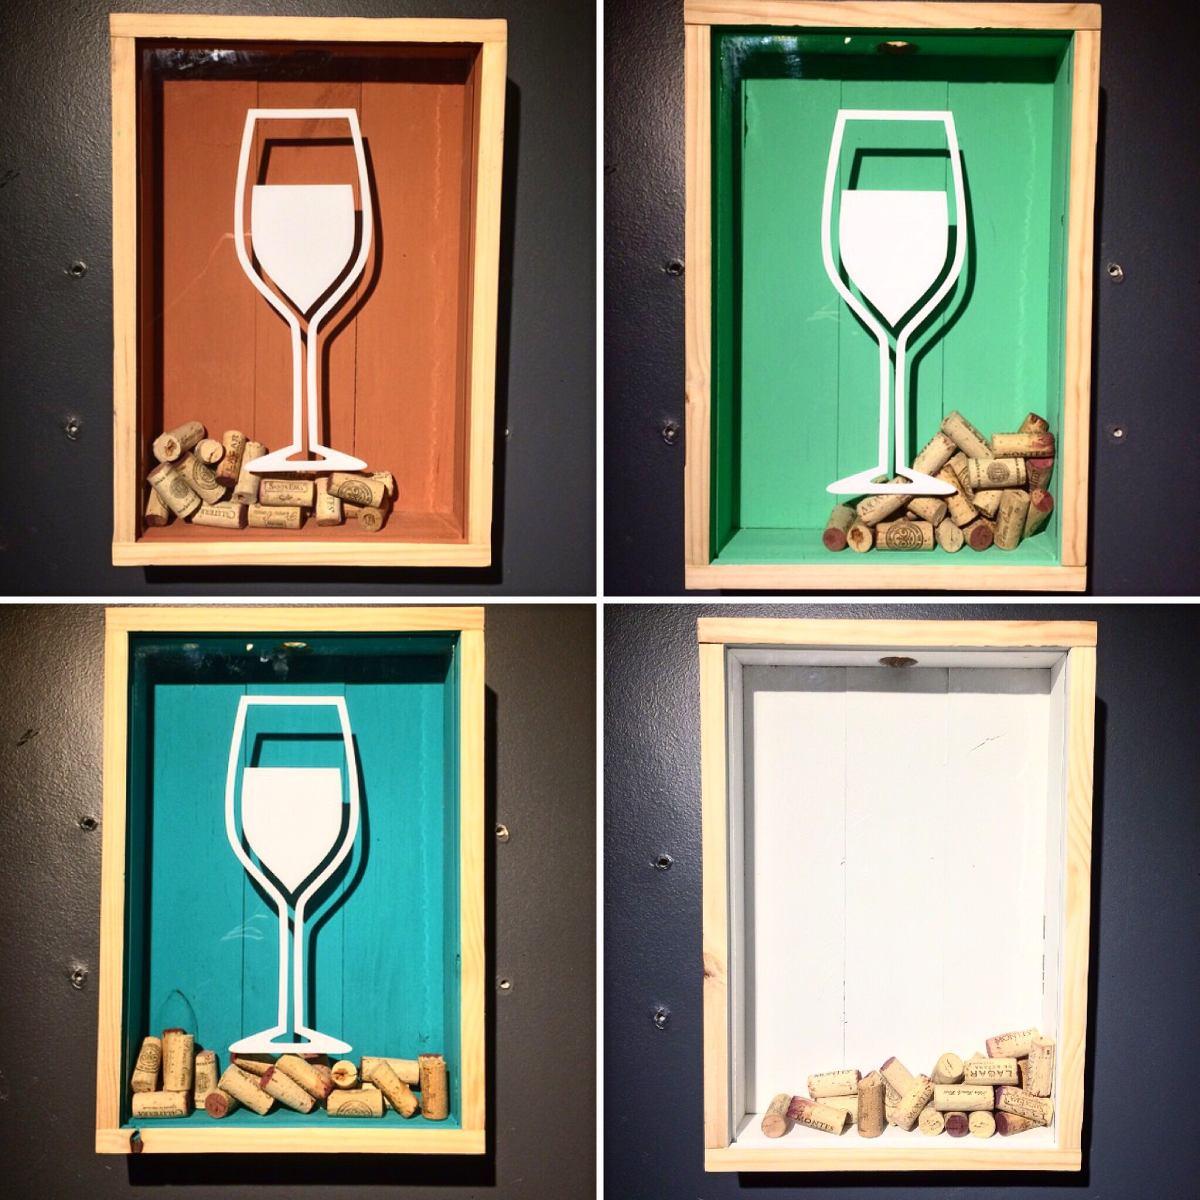 Cuadros guarda corchos esenmadera wine beer blues mini for Cuadros con corchos